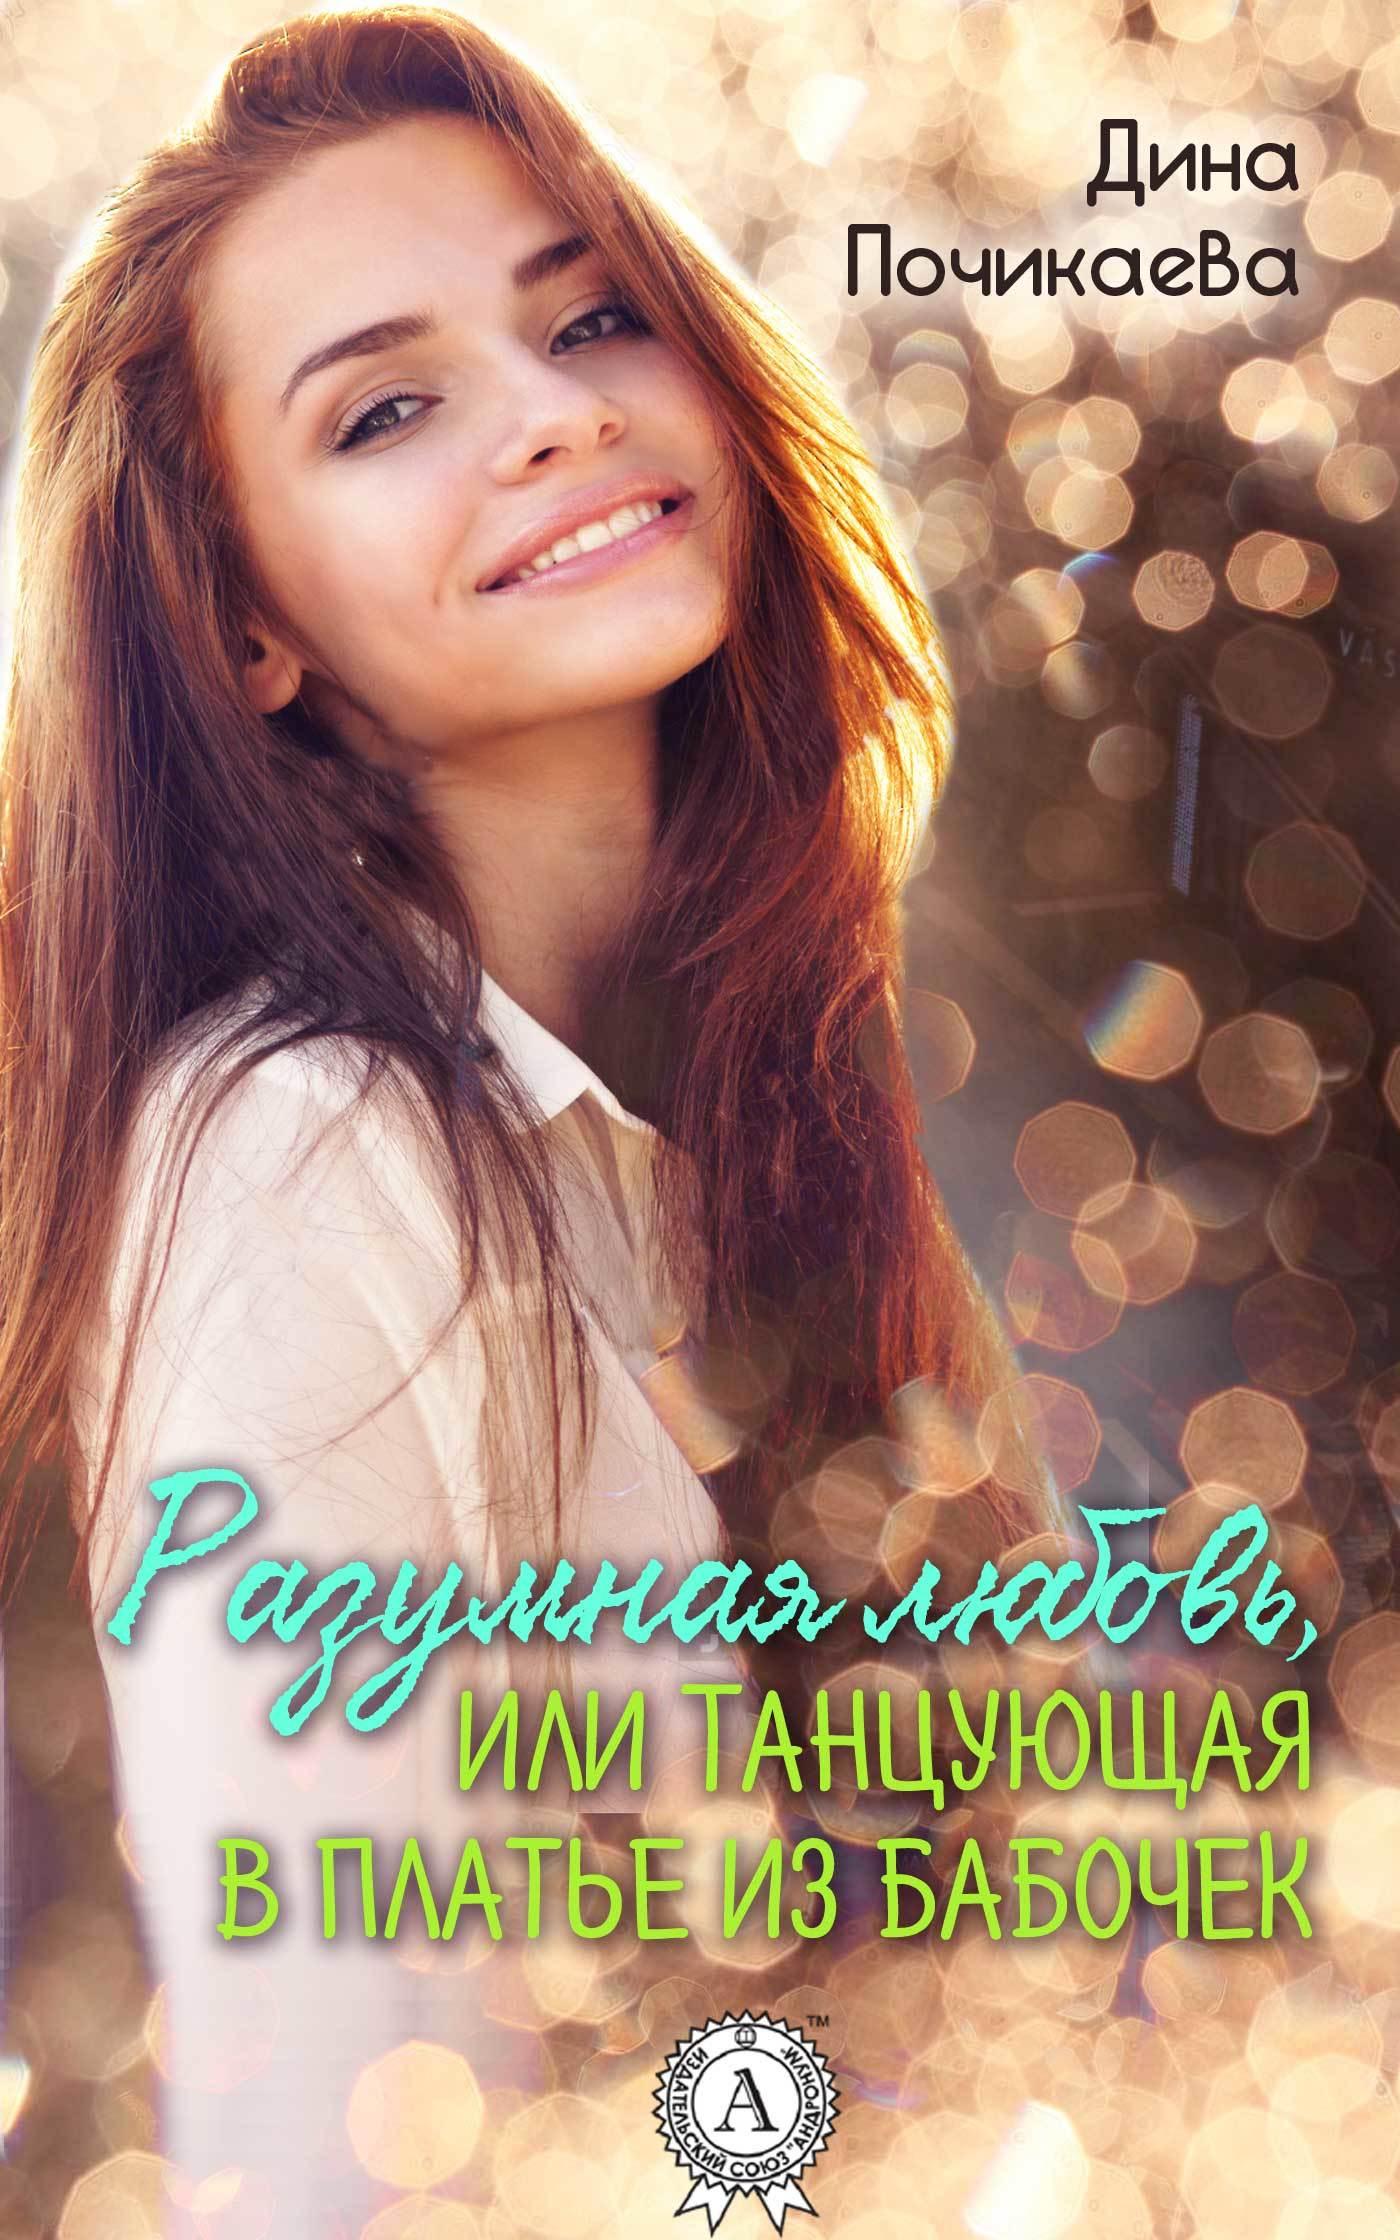 Дина Почикаева - Разумная любовь, или Танцующая в платье из бабочек